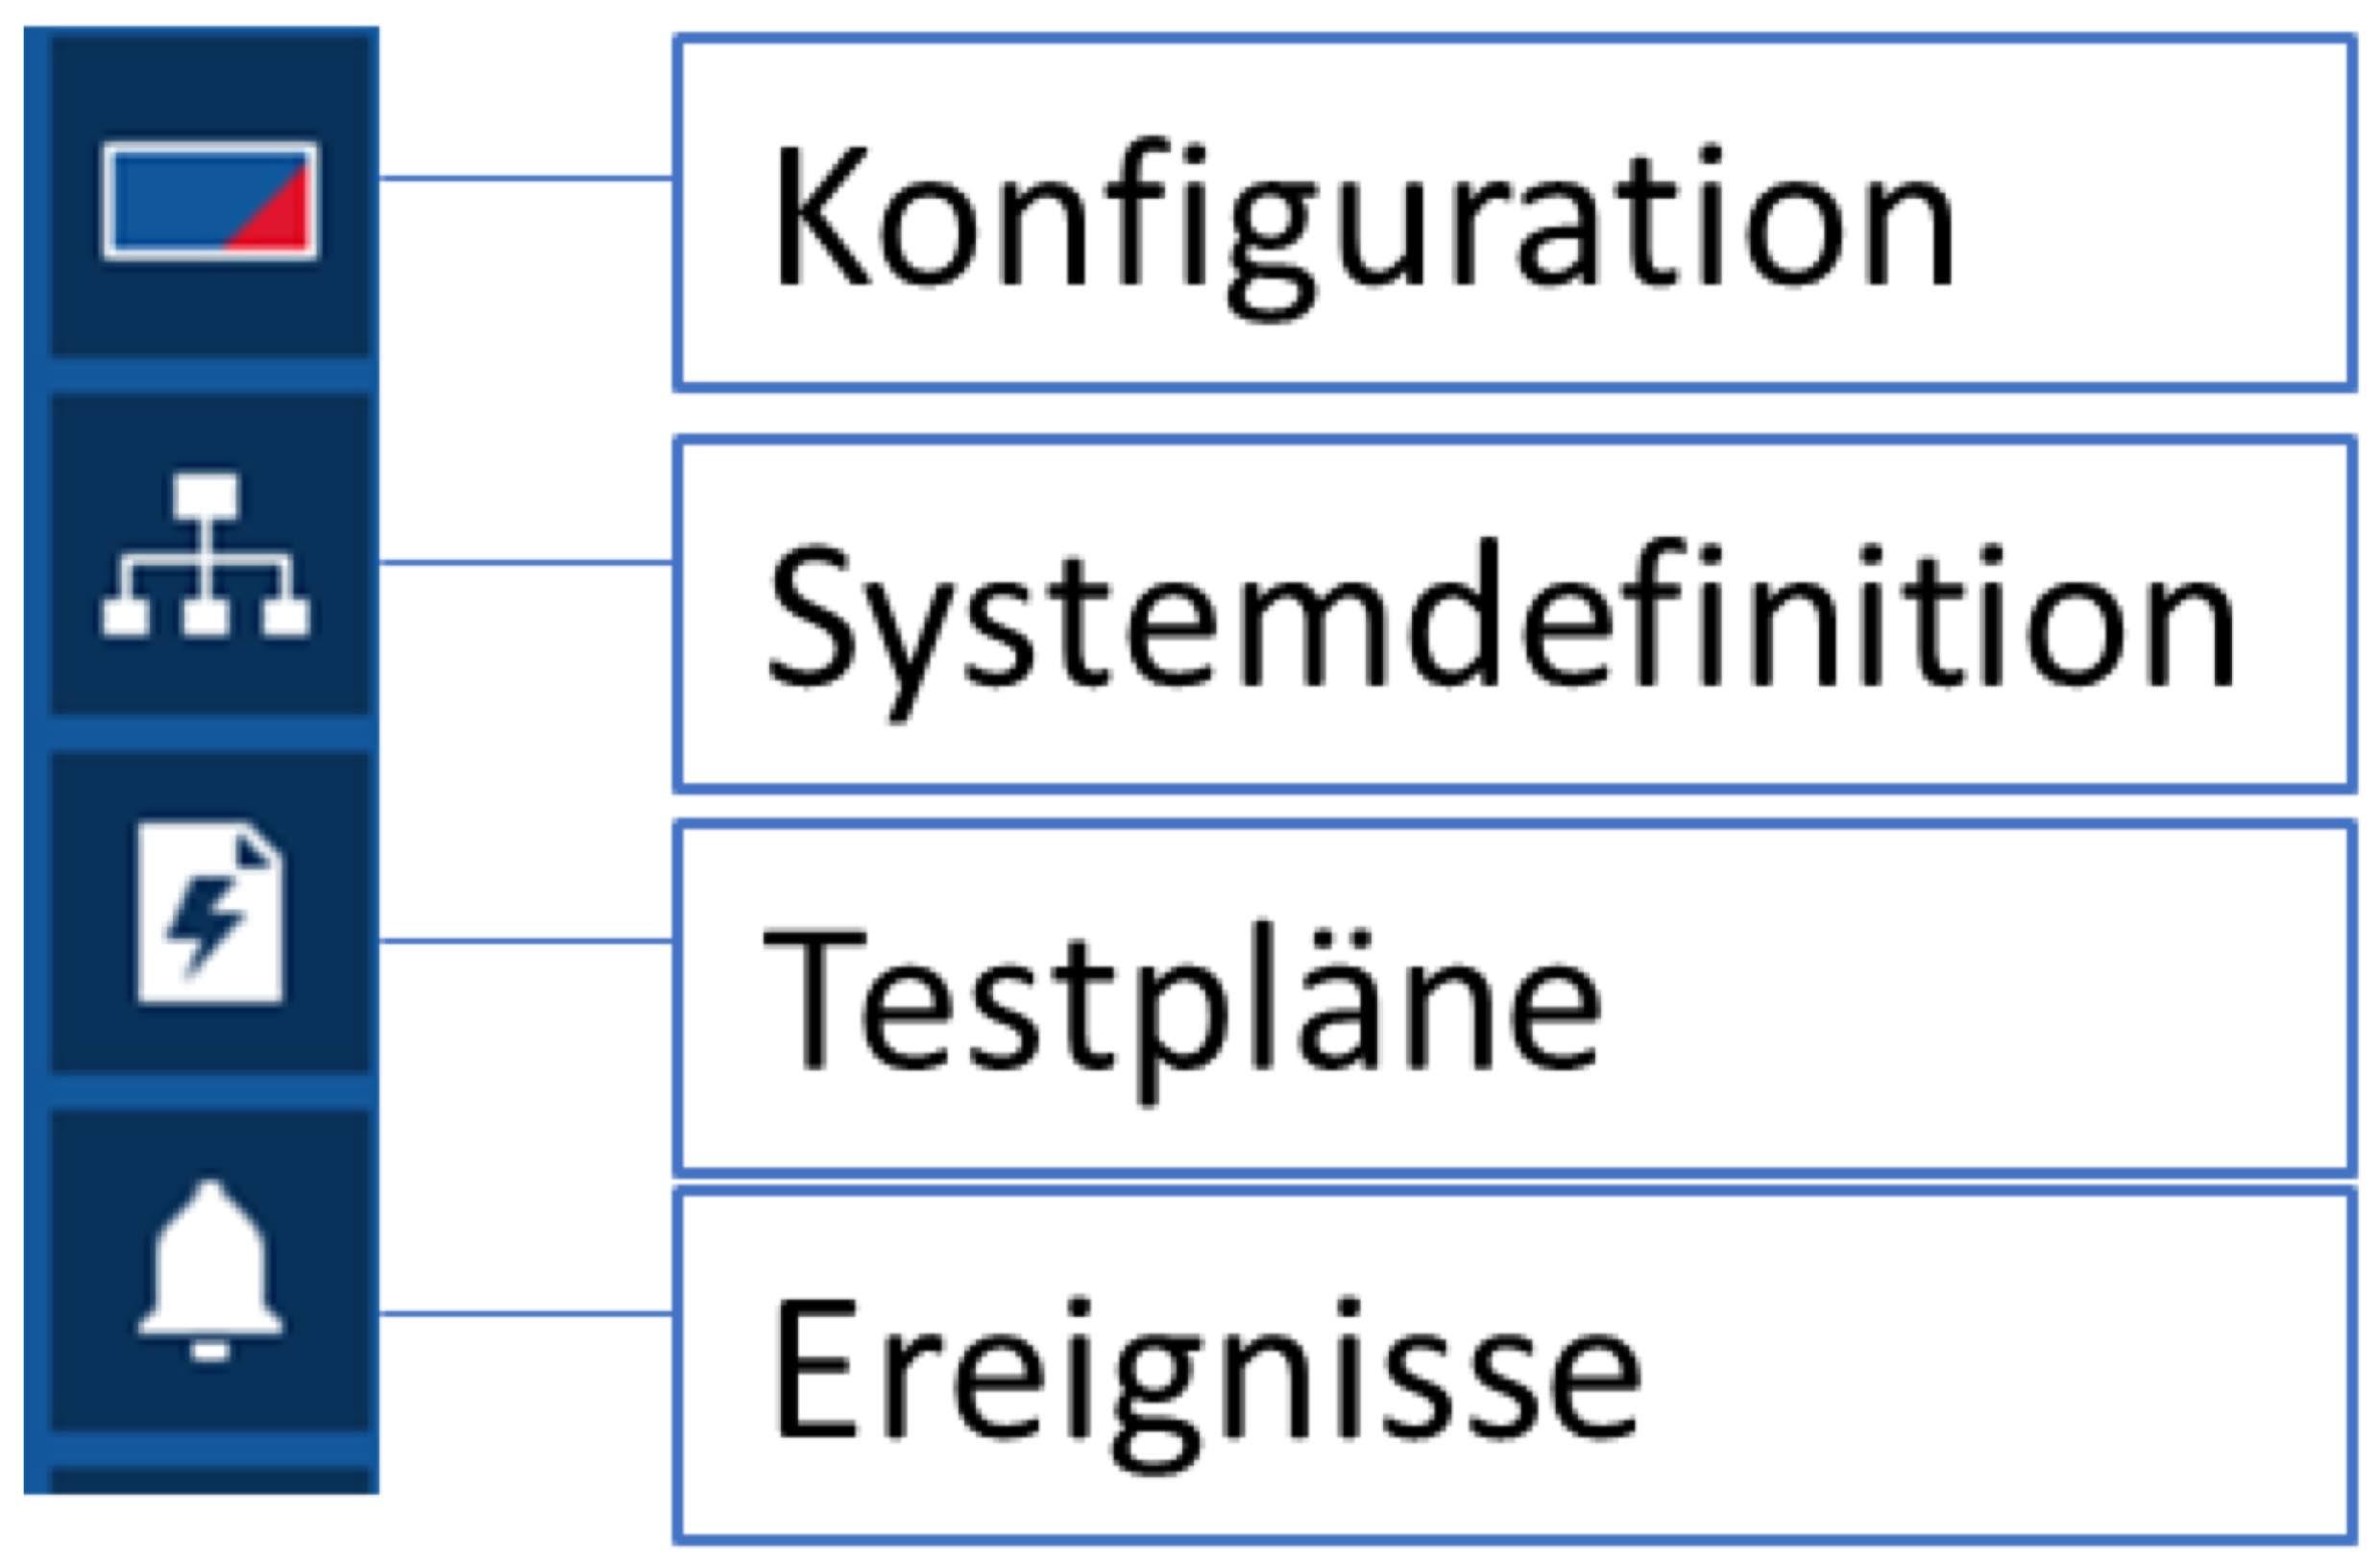 Thomas Schossig, IEC 61850, IEC61850, Prüfung von IEC 61850 Schutz- und Leittechnik, Omicron StationScout